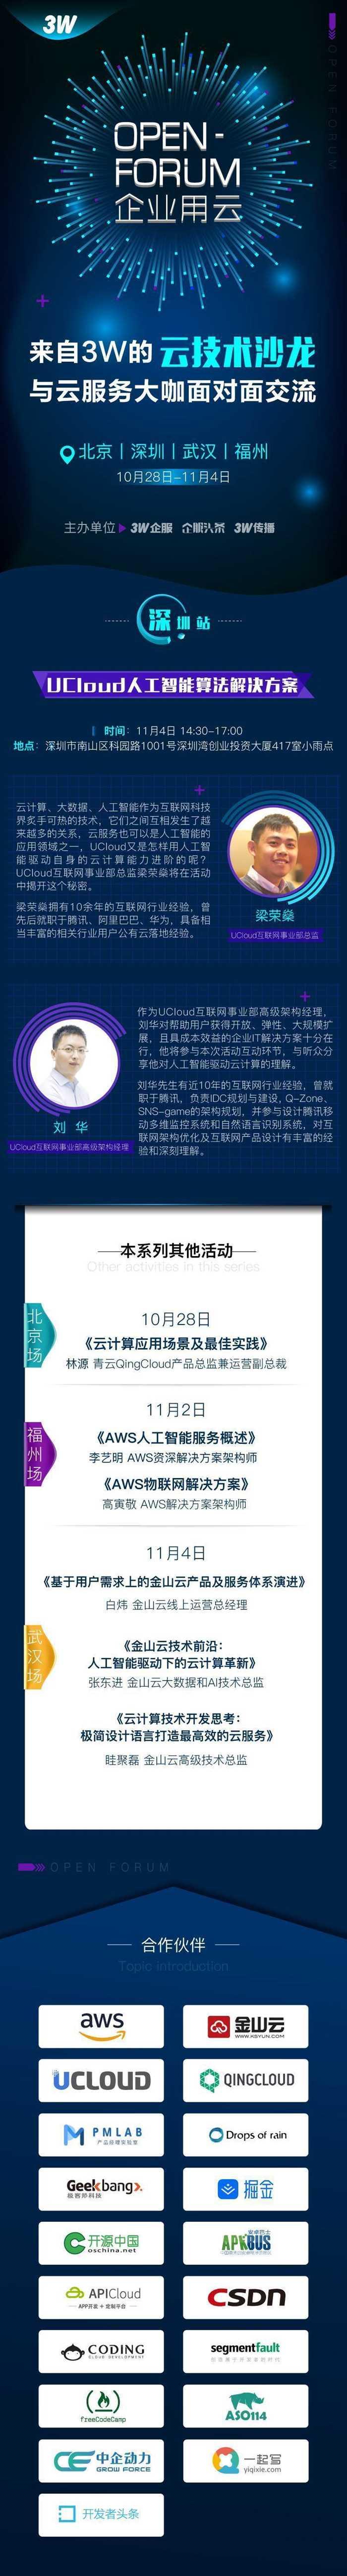 深圳-云服务长图.jpg